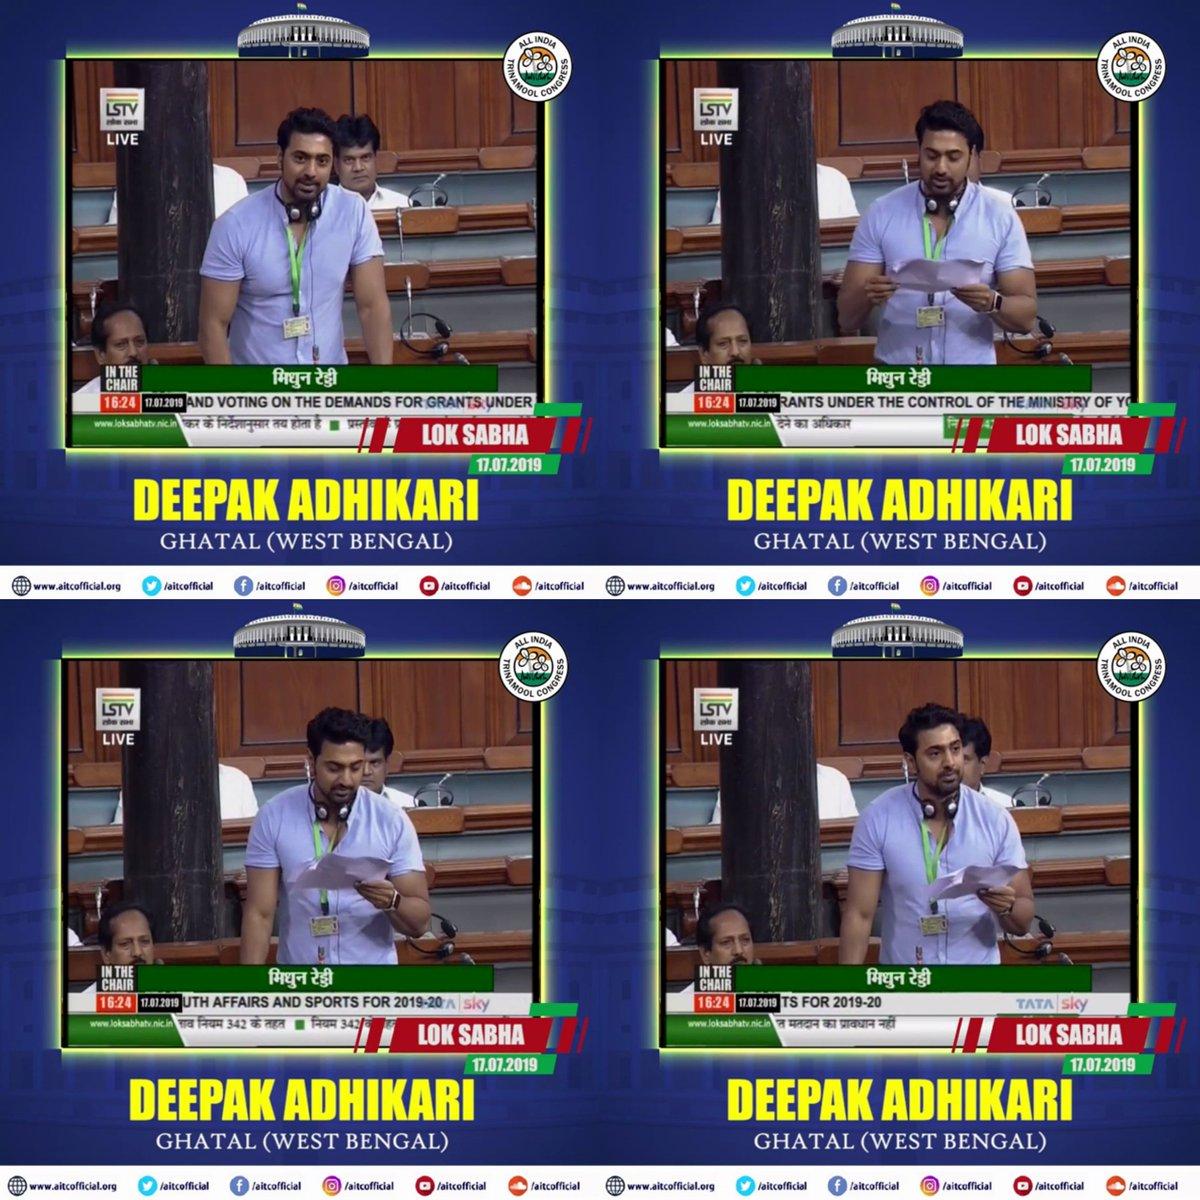 #LokSabha  MP Deepak Adhikari @idevadhikari